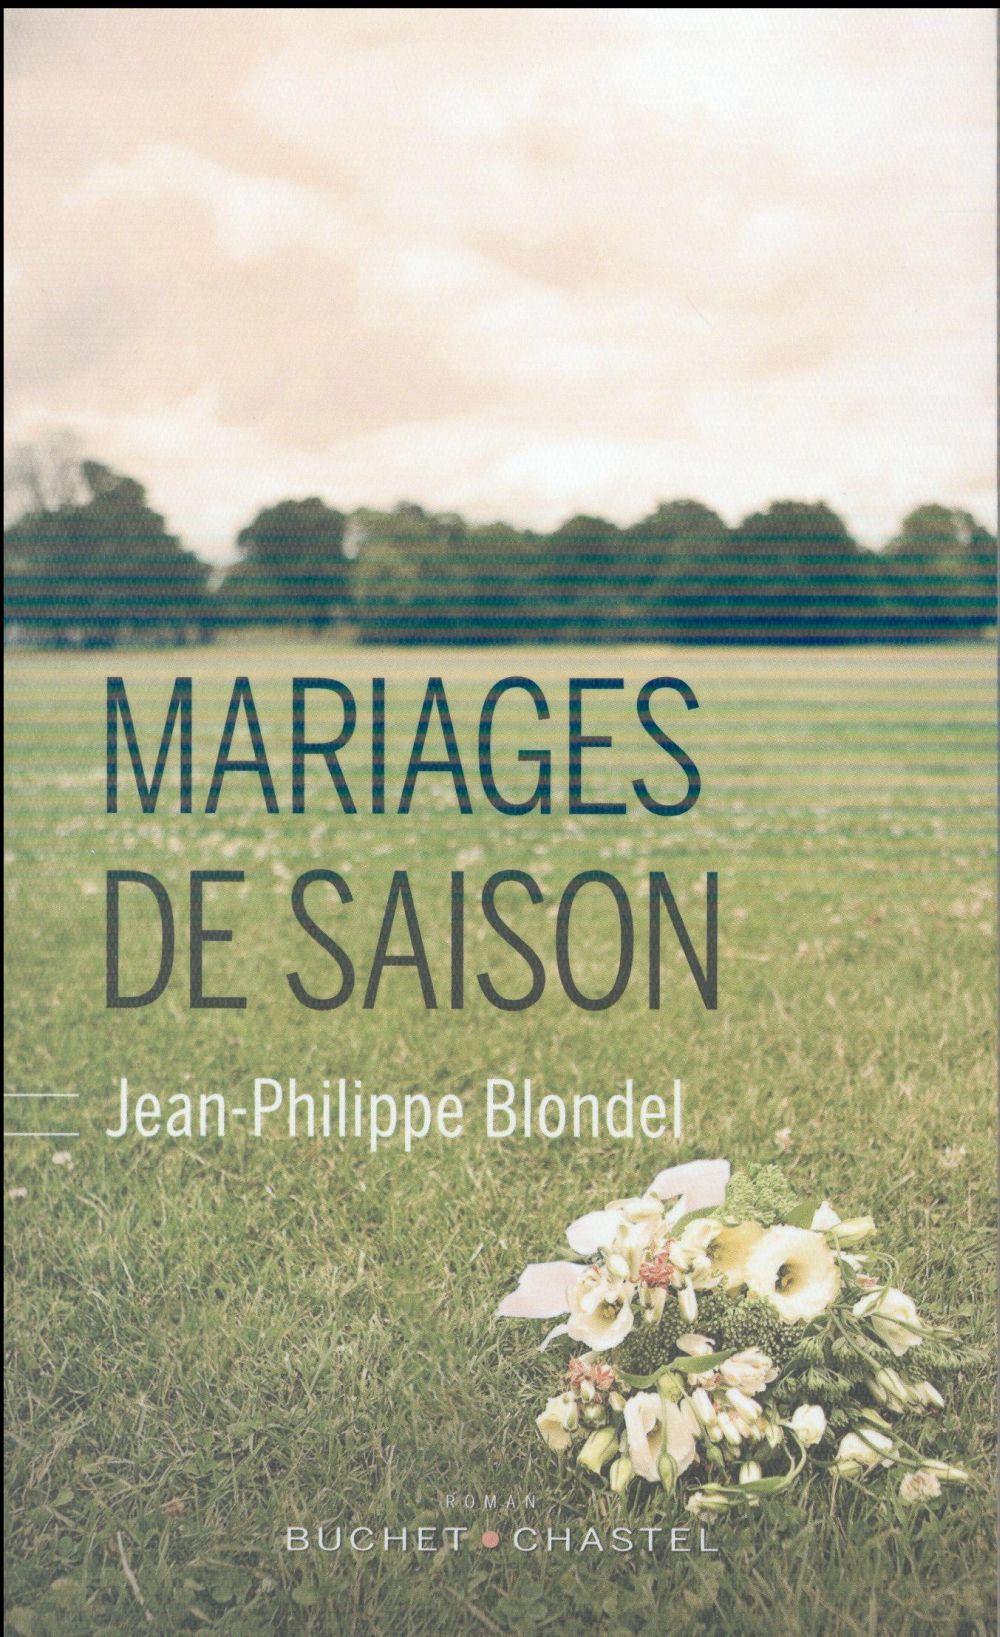 MARIAGES DE SAISON